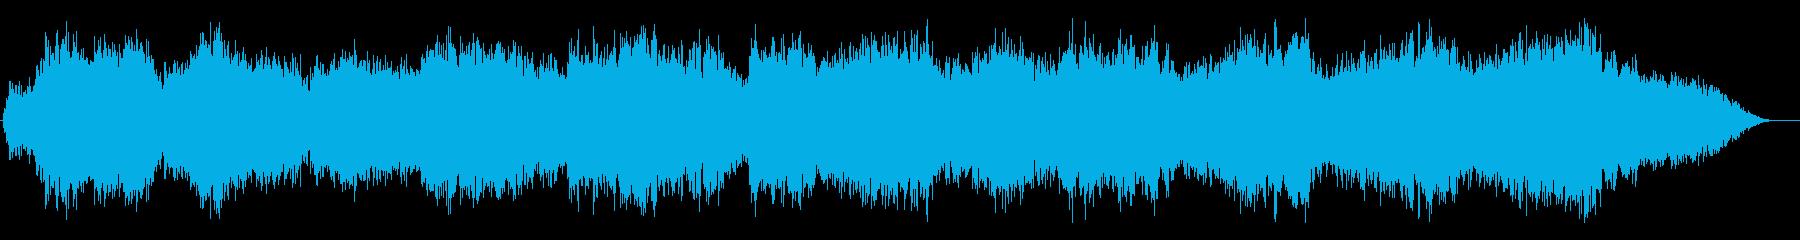 あやしいオバさん❤癒し系な歌声とハープBの再生済みの波形